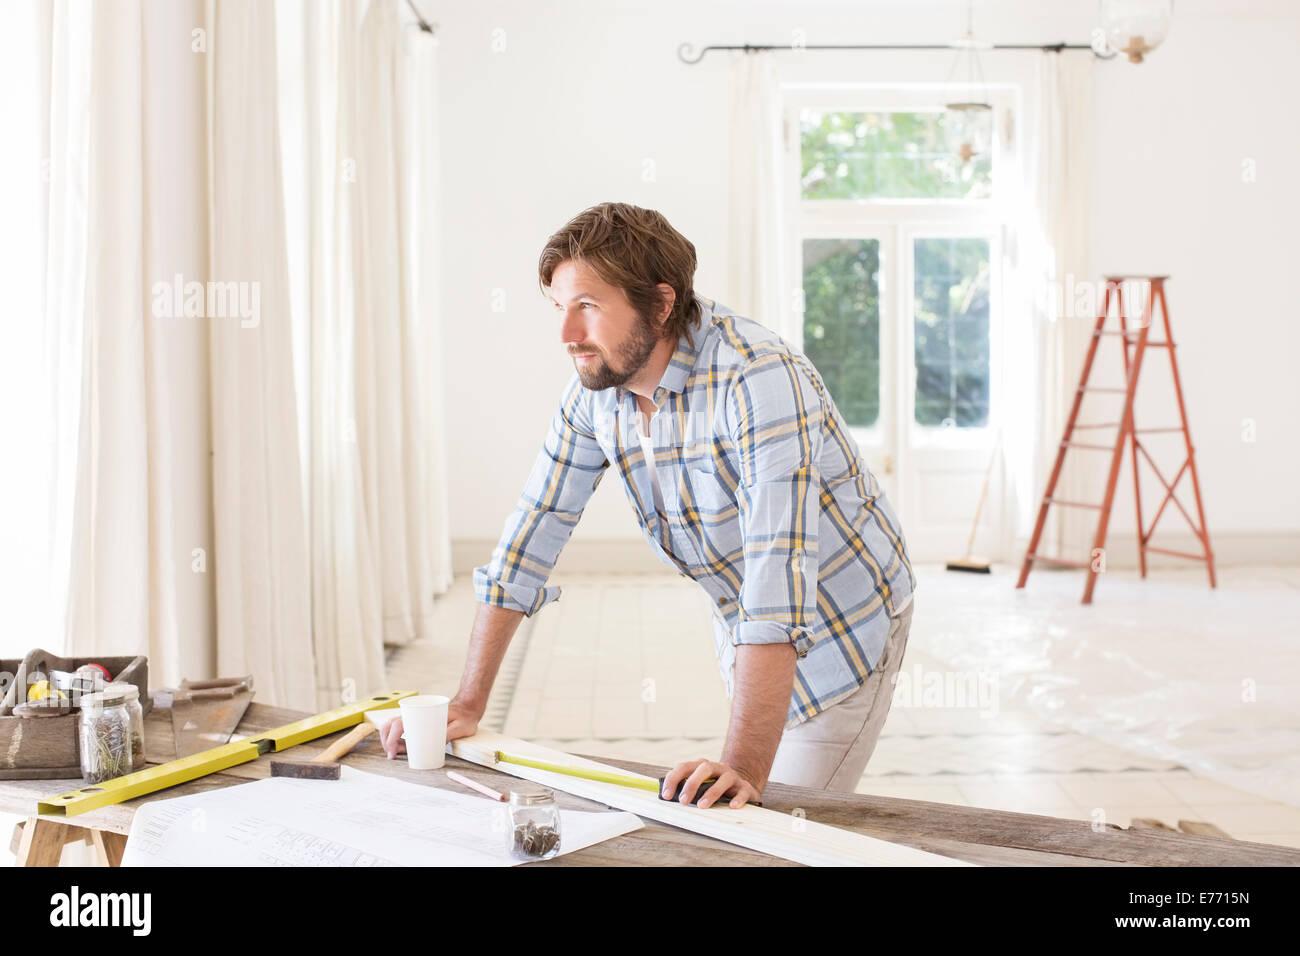 Mann mit Blick auf Bau Tisch im Wohnraum Stockbild